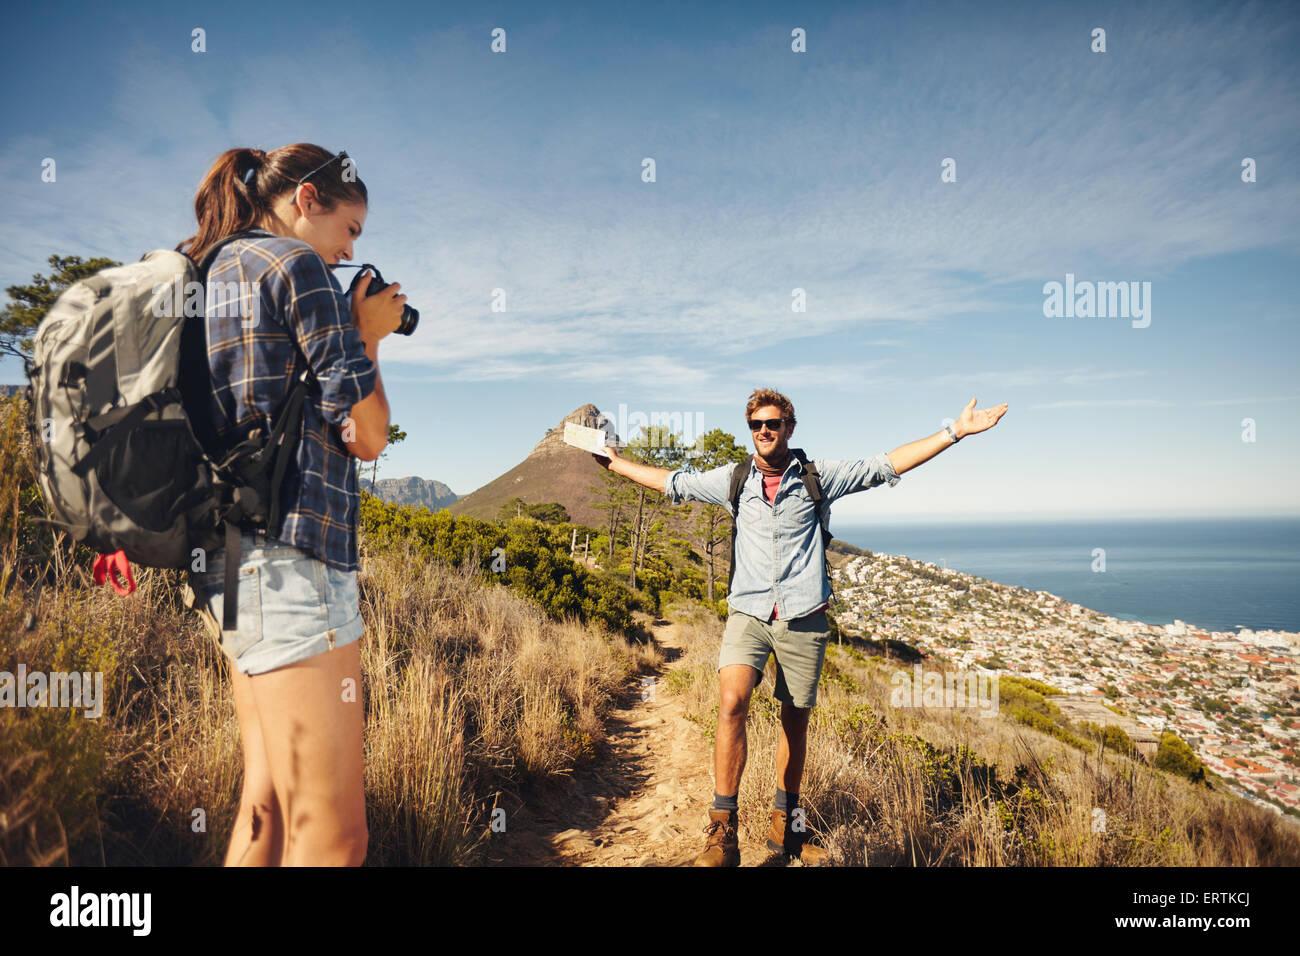 Im Freien Schuss der jungen Frau, die ihrem Freund in Landschaft beim Wandern zu fotografieren. Wanderer-Paar genießt Stockbild